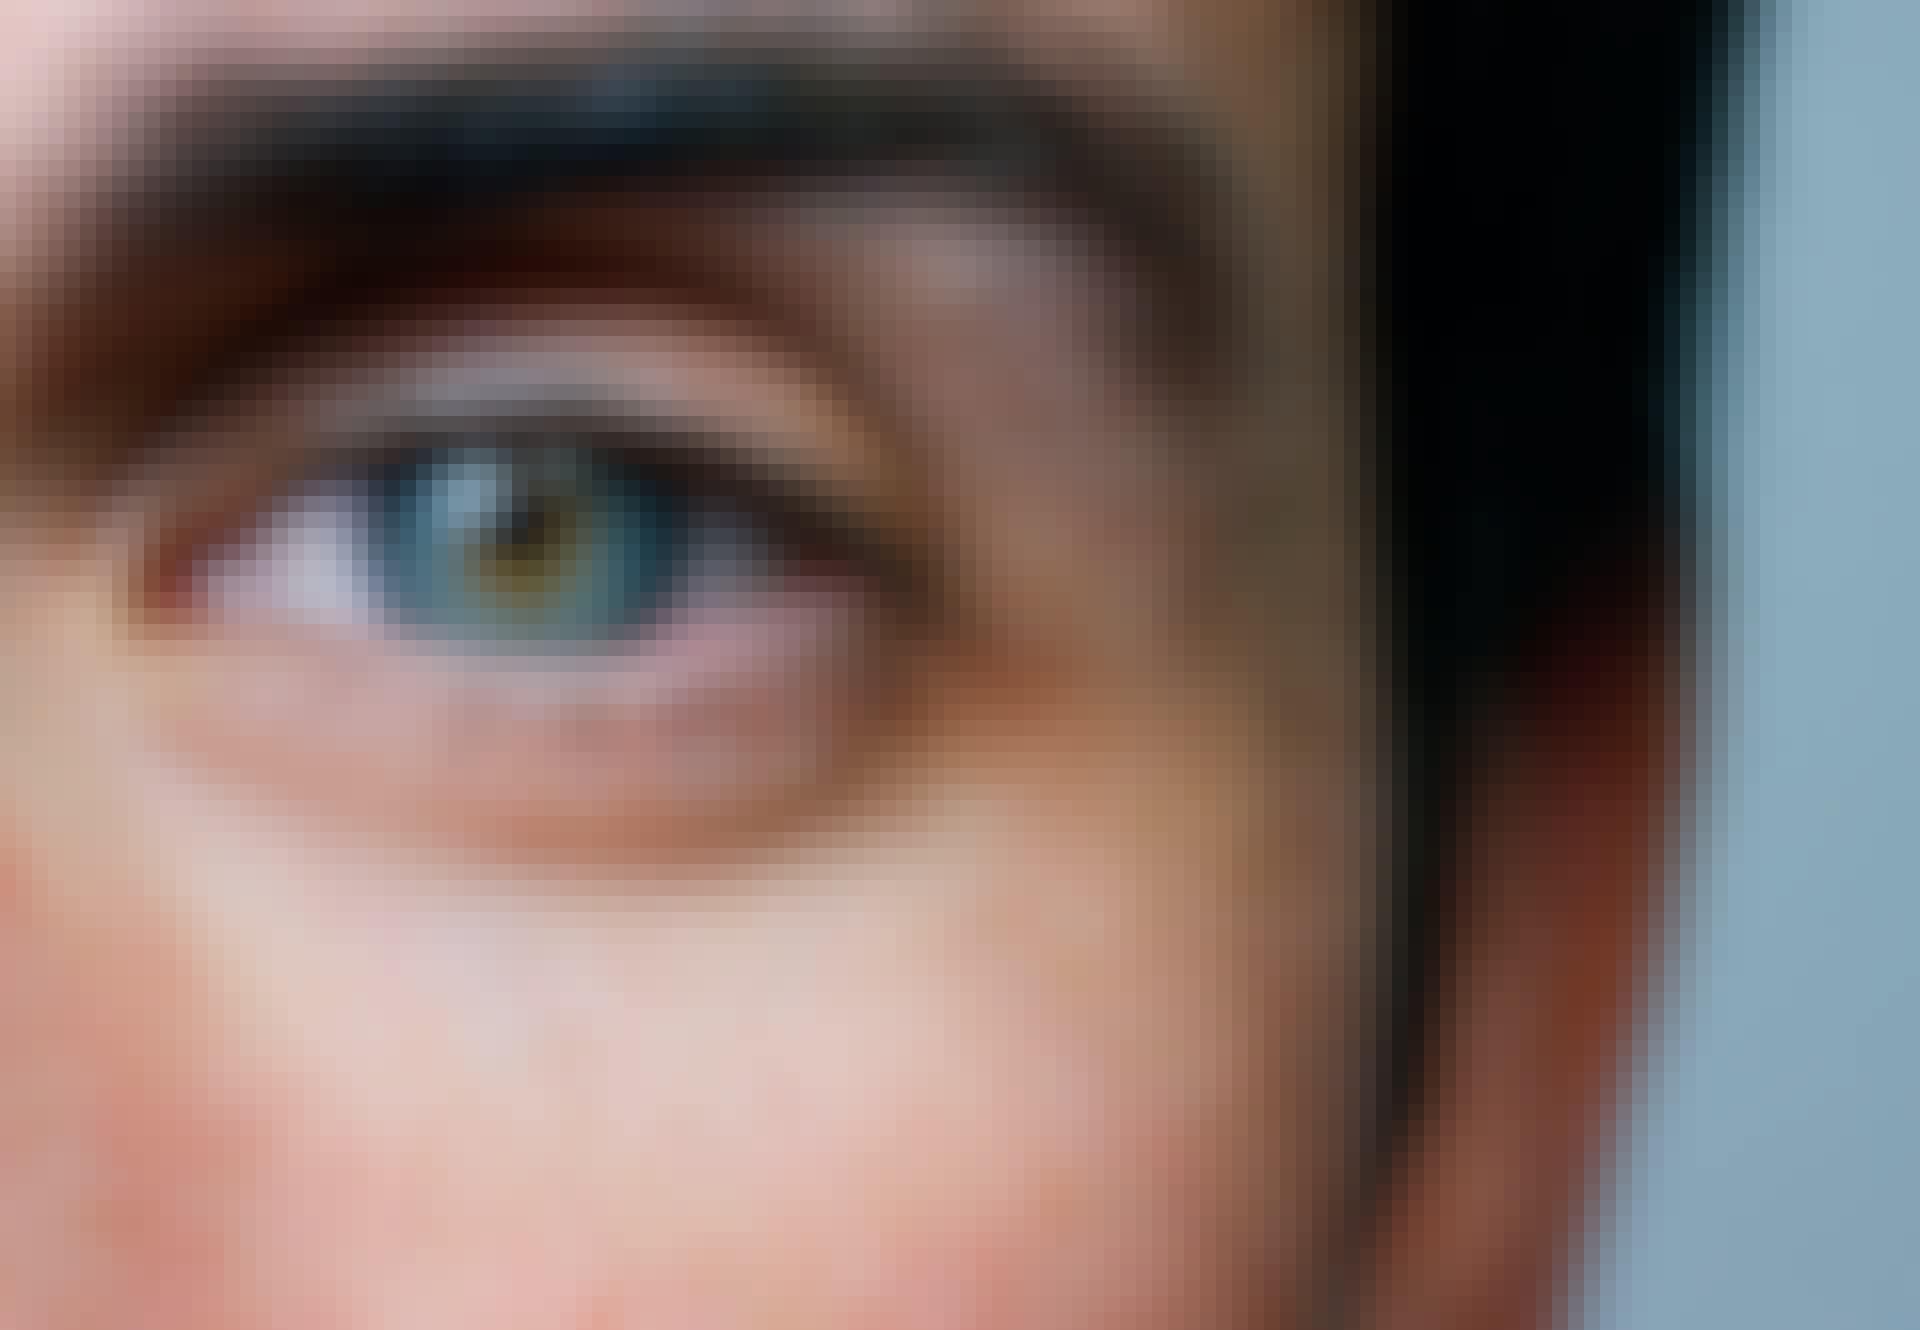 Man die goed is in het herkennen van gezichten